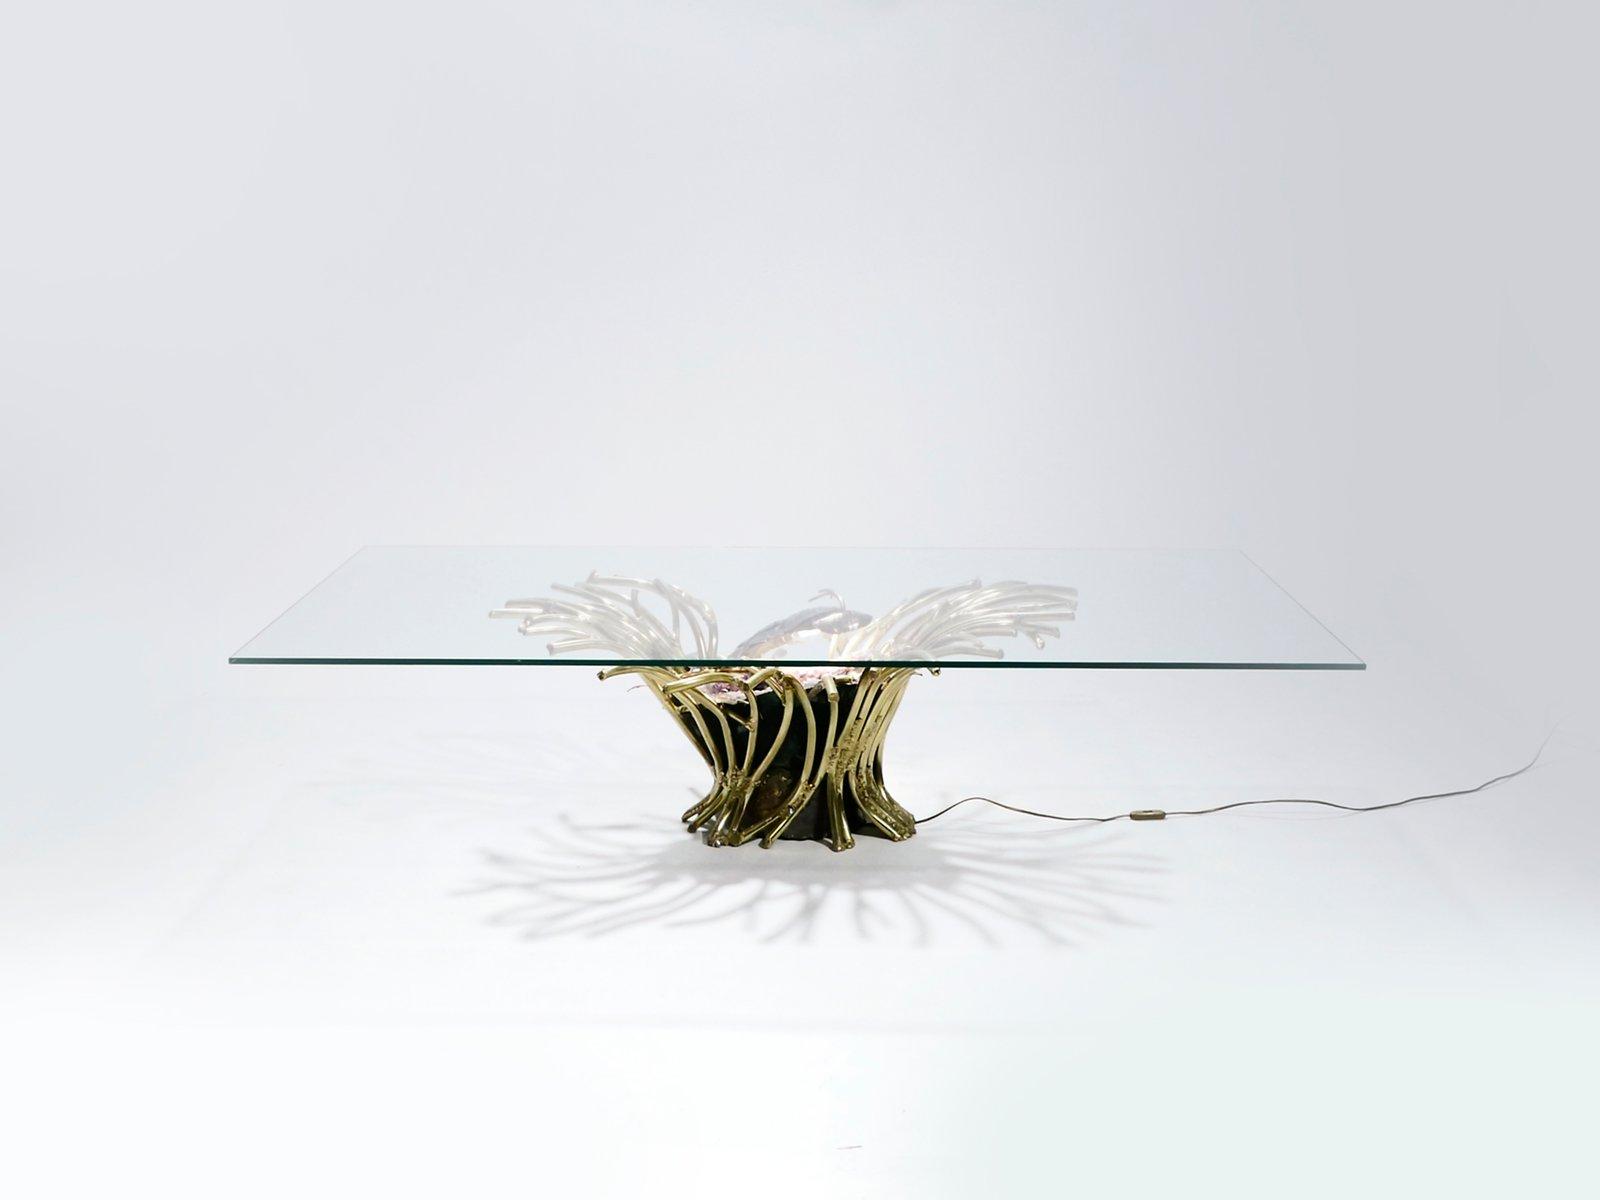 Beleuchteter Amethyst & Bronze Couchtisch von Isabelle Masson-Faure fü...